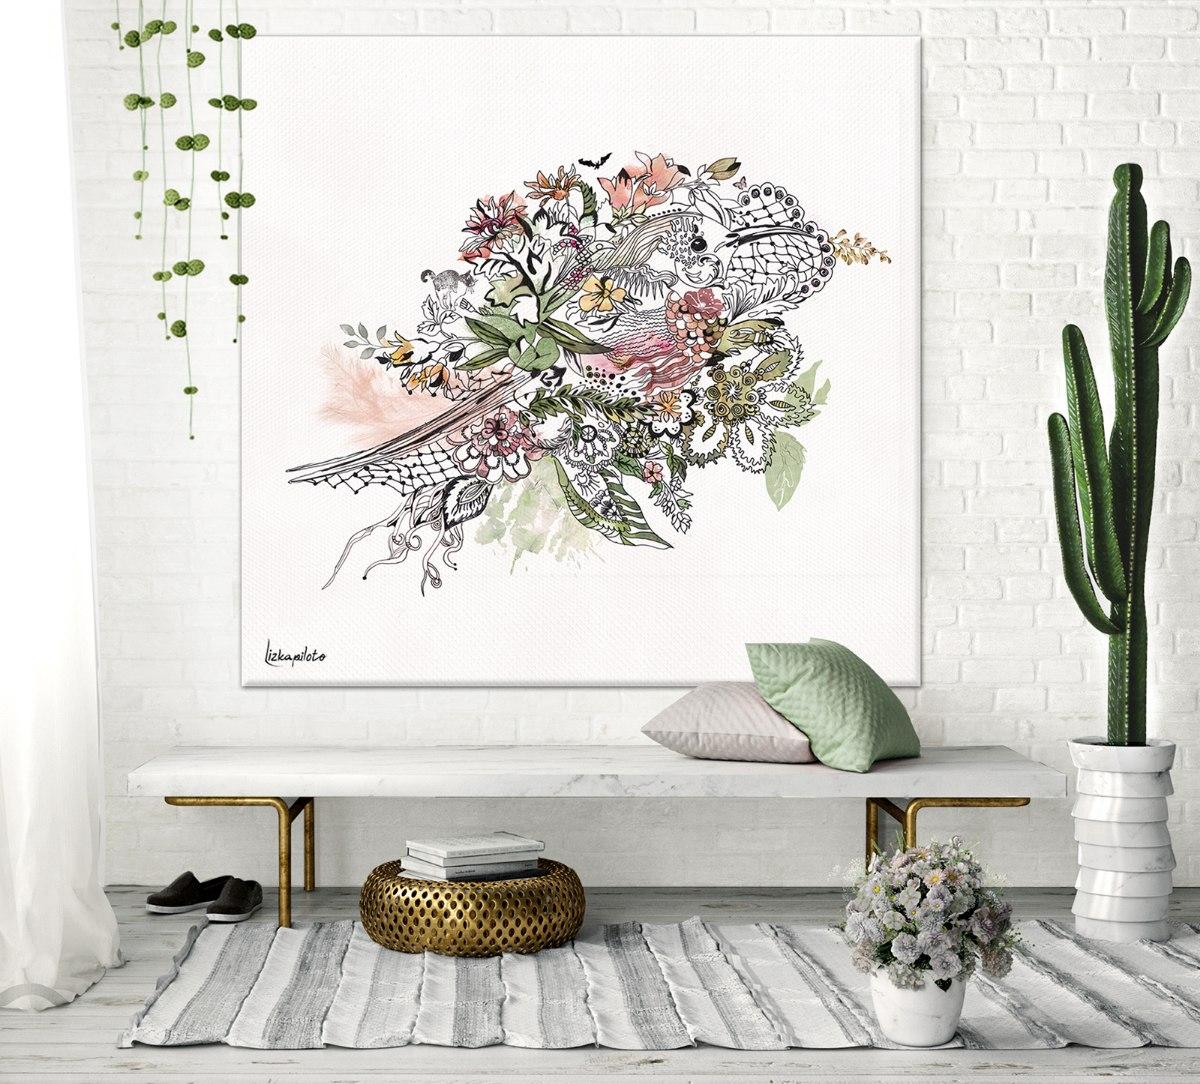 ציור דקורטיבי של ציפור בצבעים ורוד ןירוק